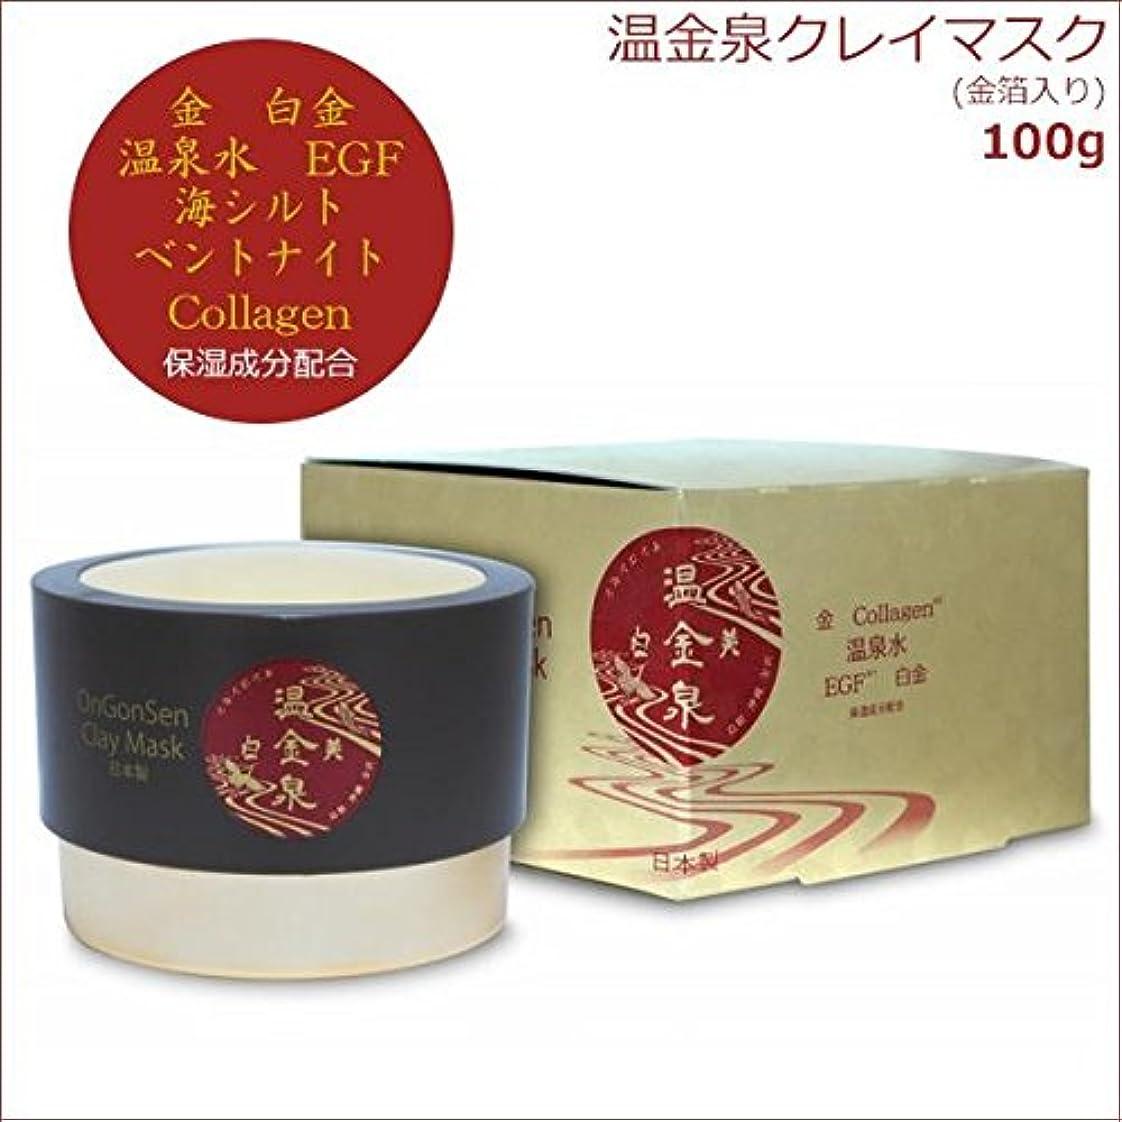 朝協力するスクラップブック日本製 HiROSOPHY ヒロソフィー 温金泉(オンゴンセン)クレイマスク 金箔入り 100g